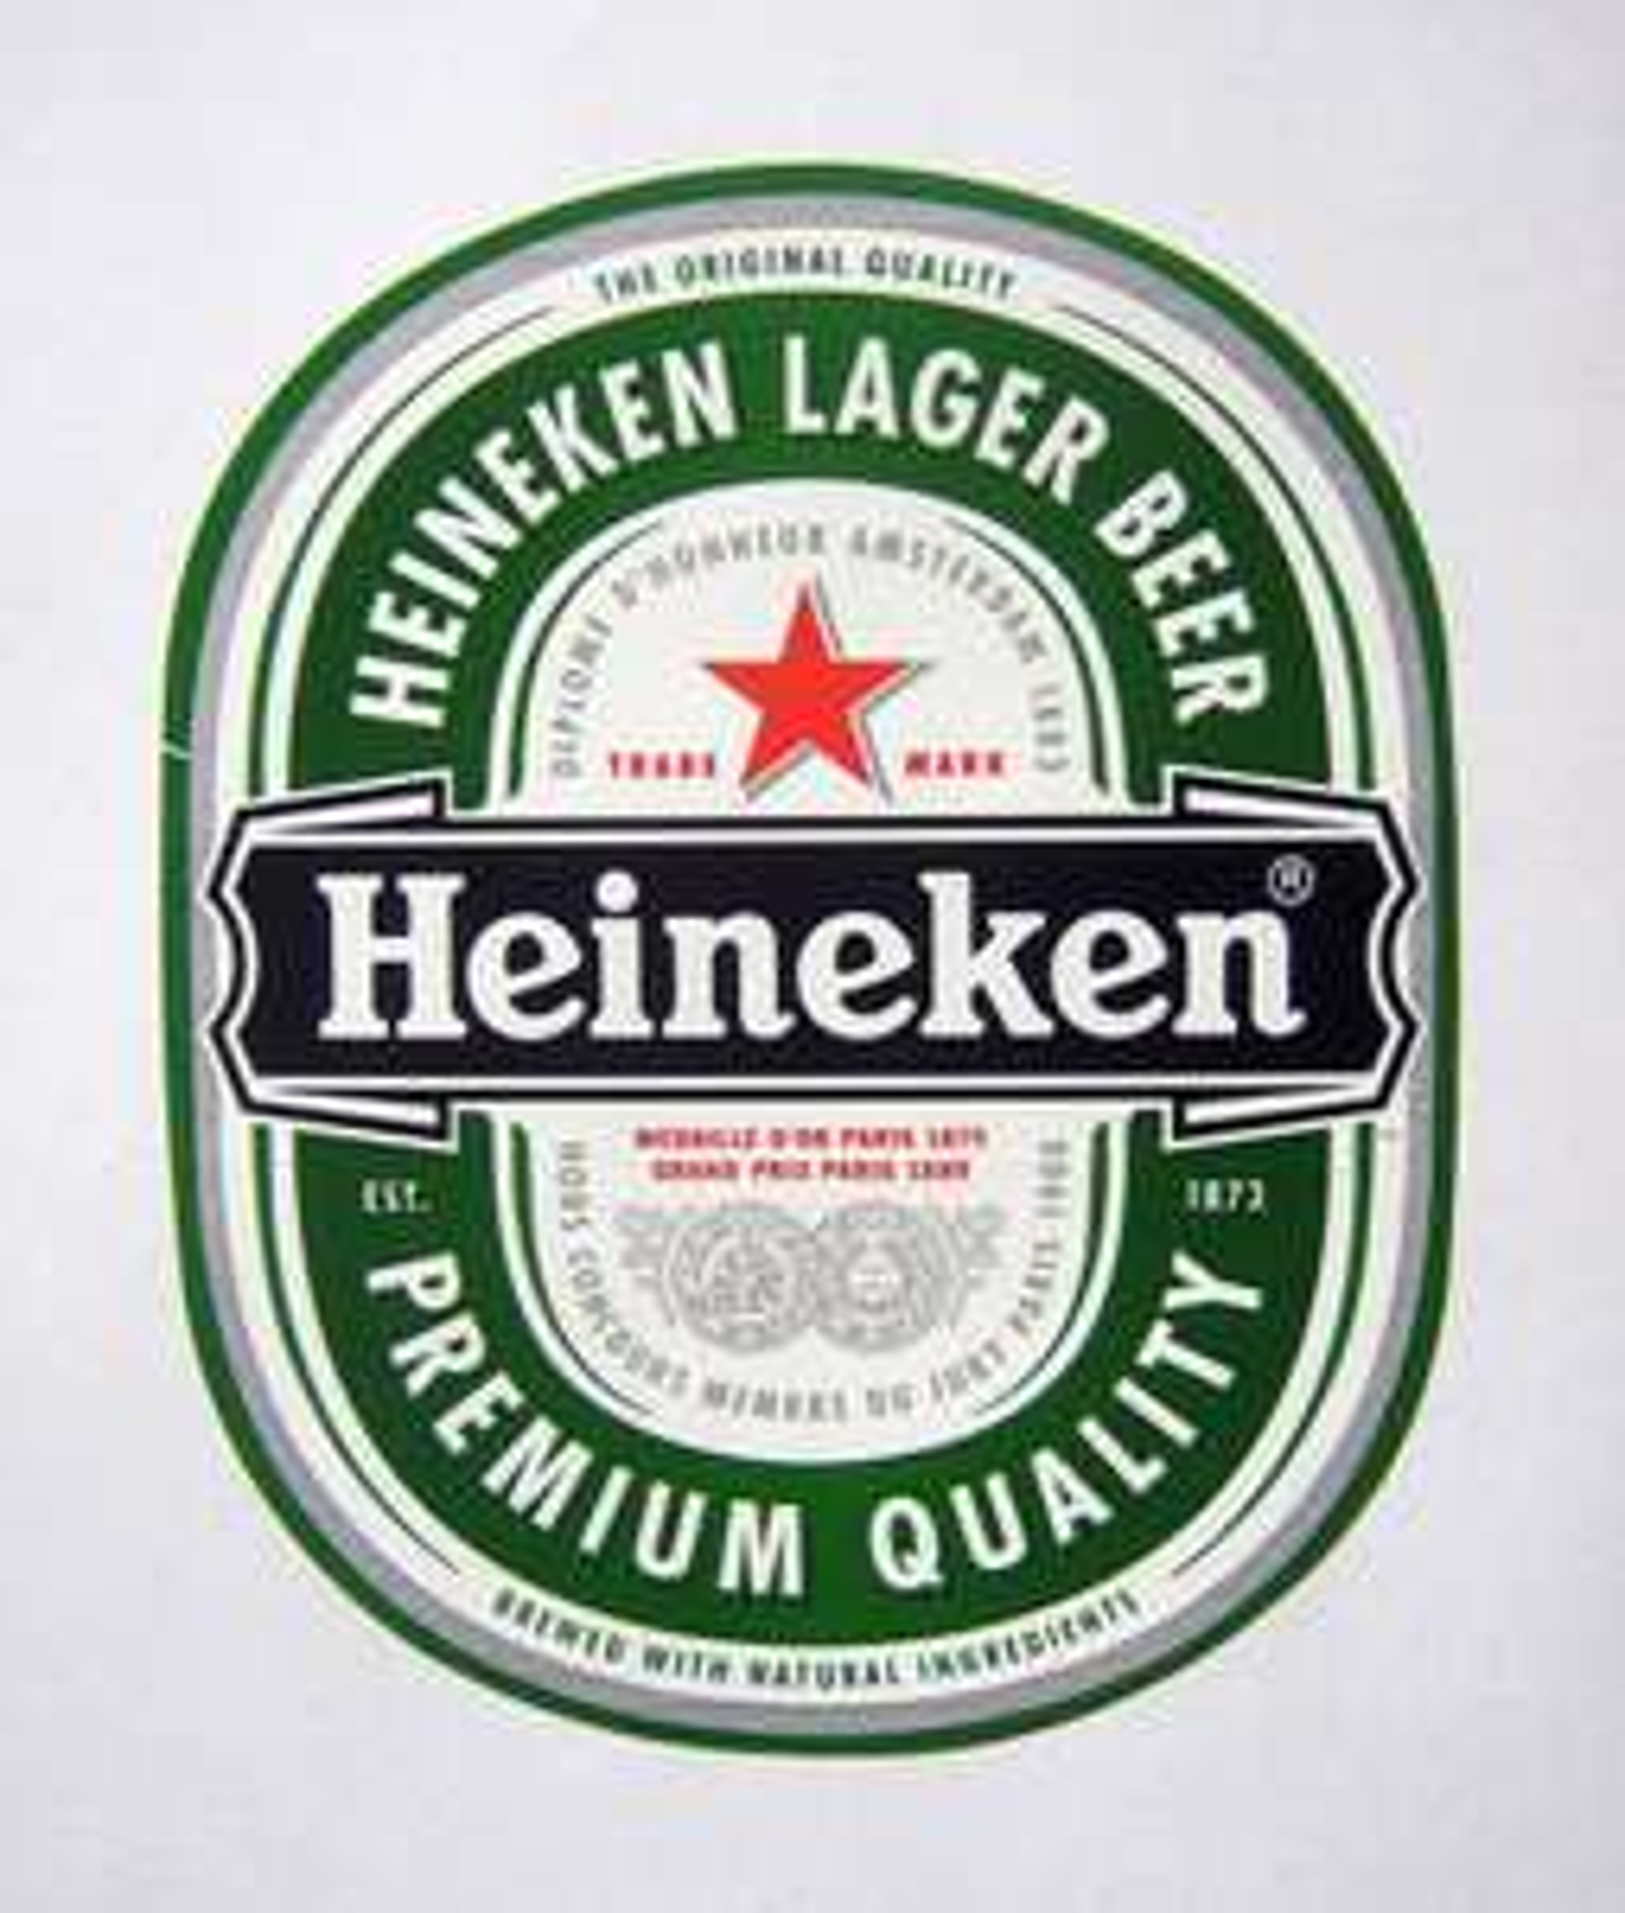 Heineken 6x330ML cans £5.00 - £2.50 after cashback @ Tesco & others